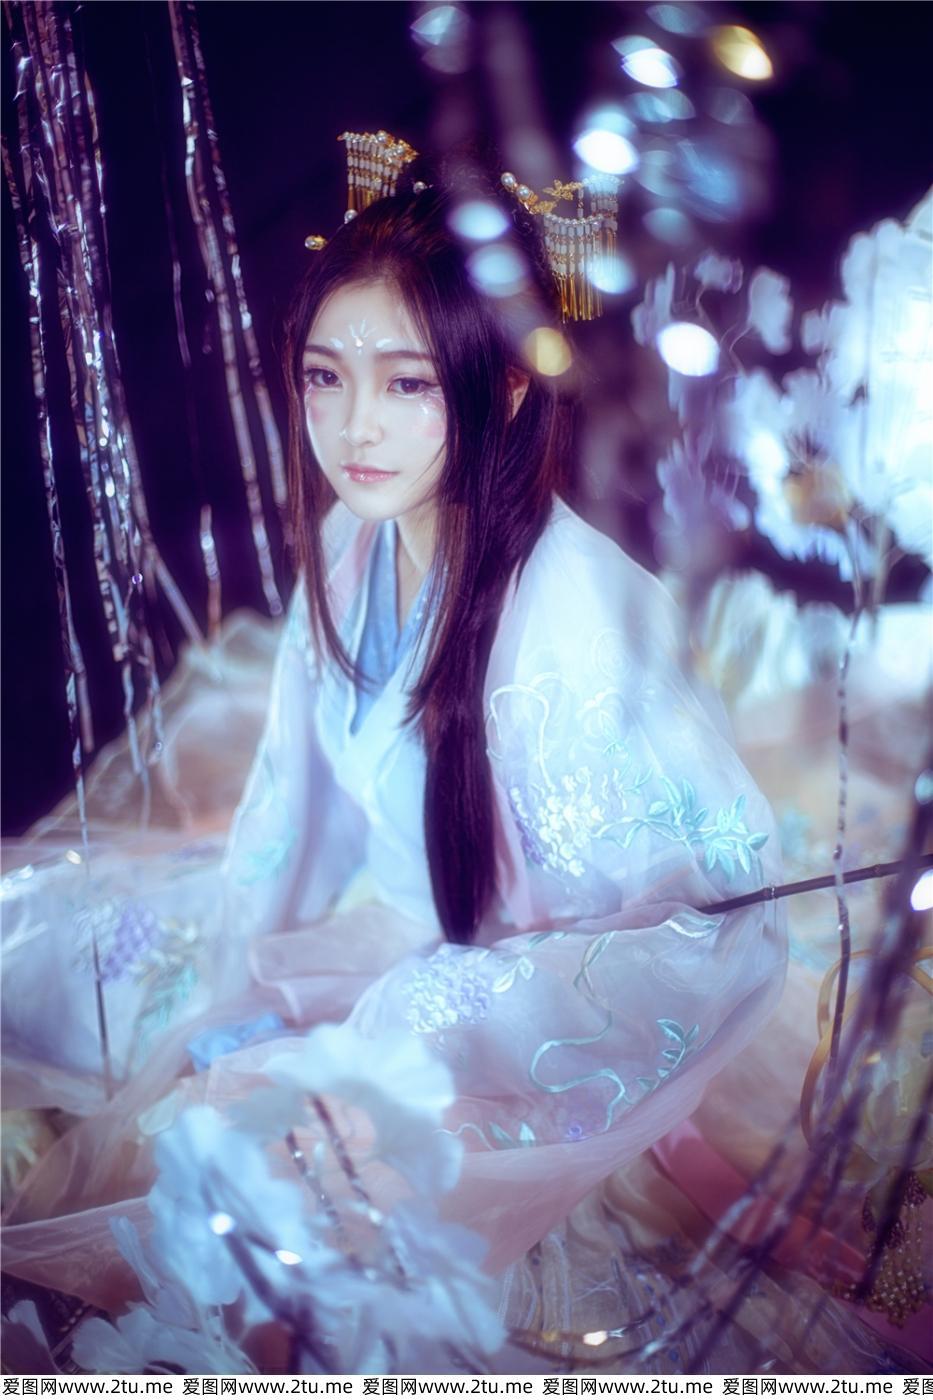 二次元美女汉服小姐姐唯美艺术摄影写真